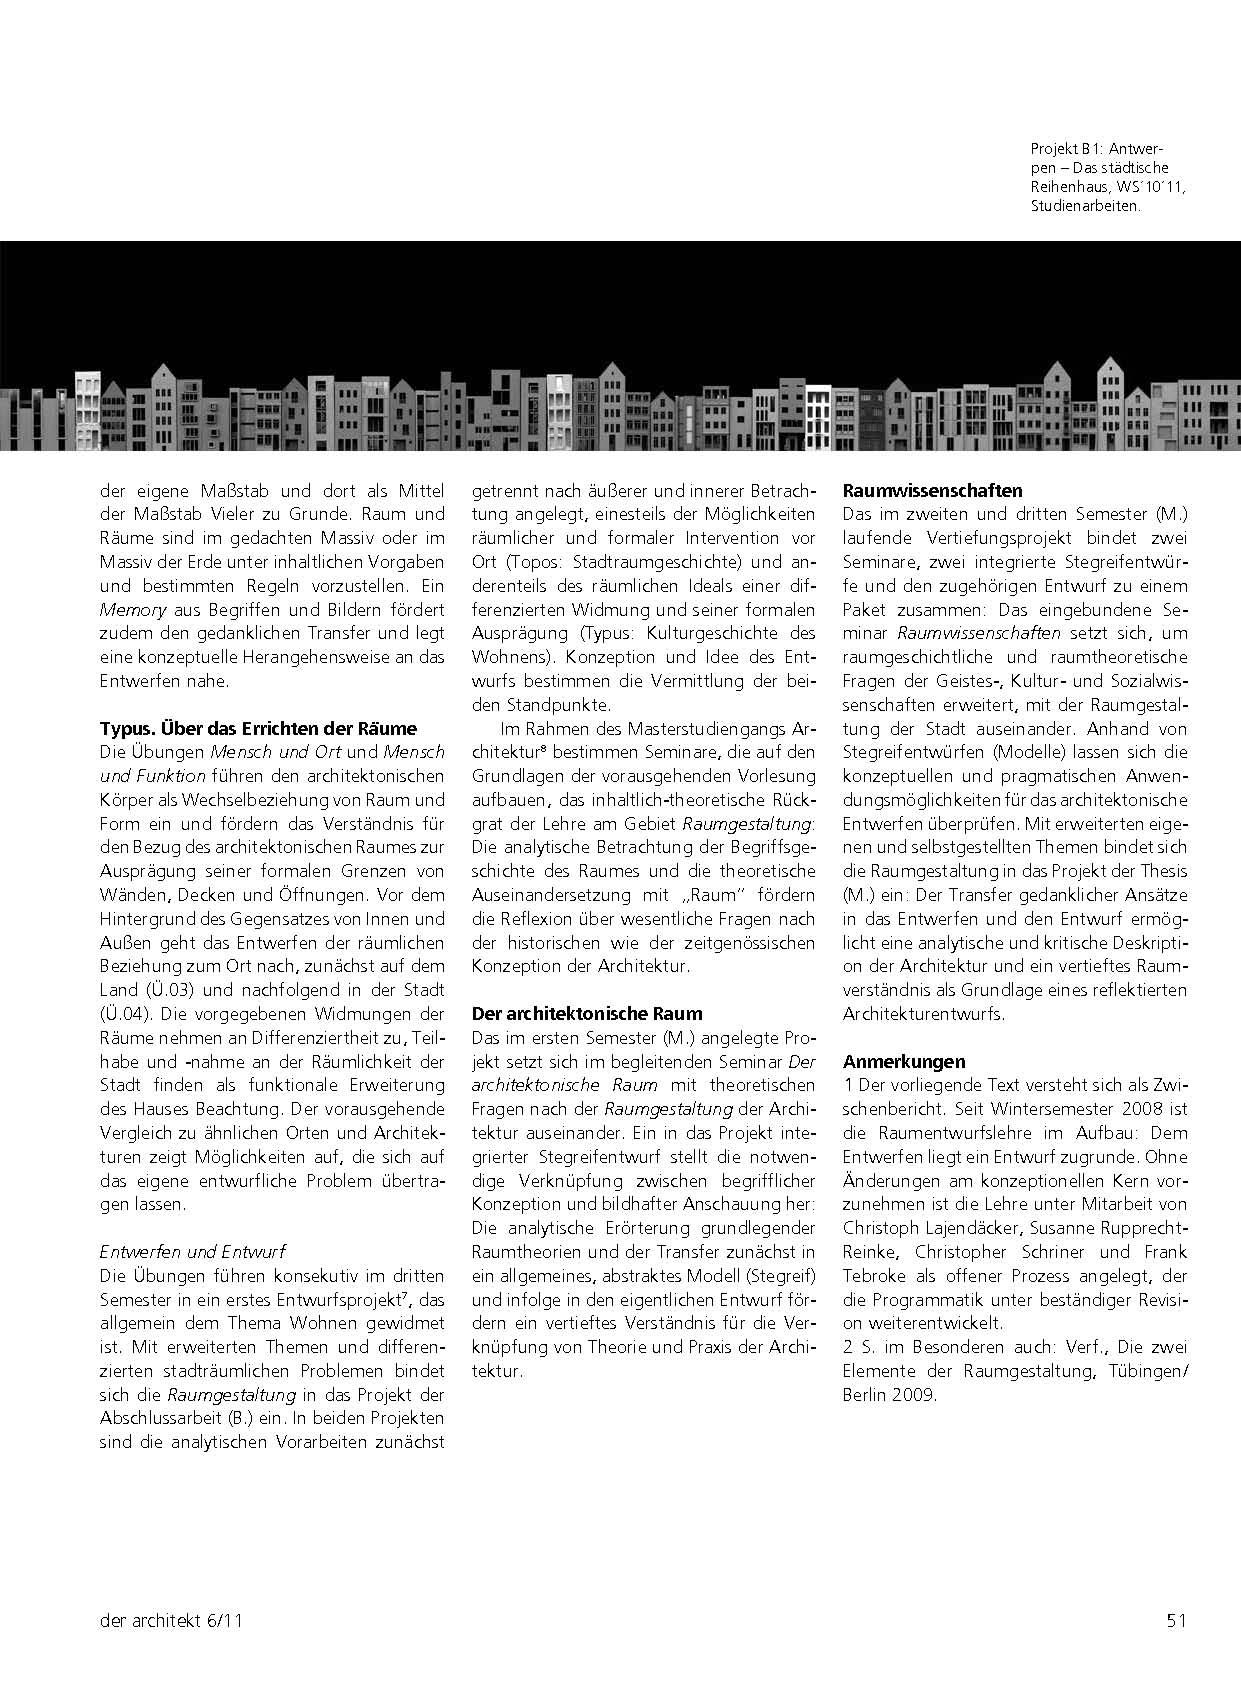 Raumgestaltung rwth ba vorlesung zur einf hrung in for Raumgestaltung literatur